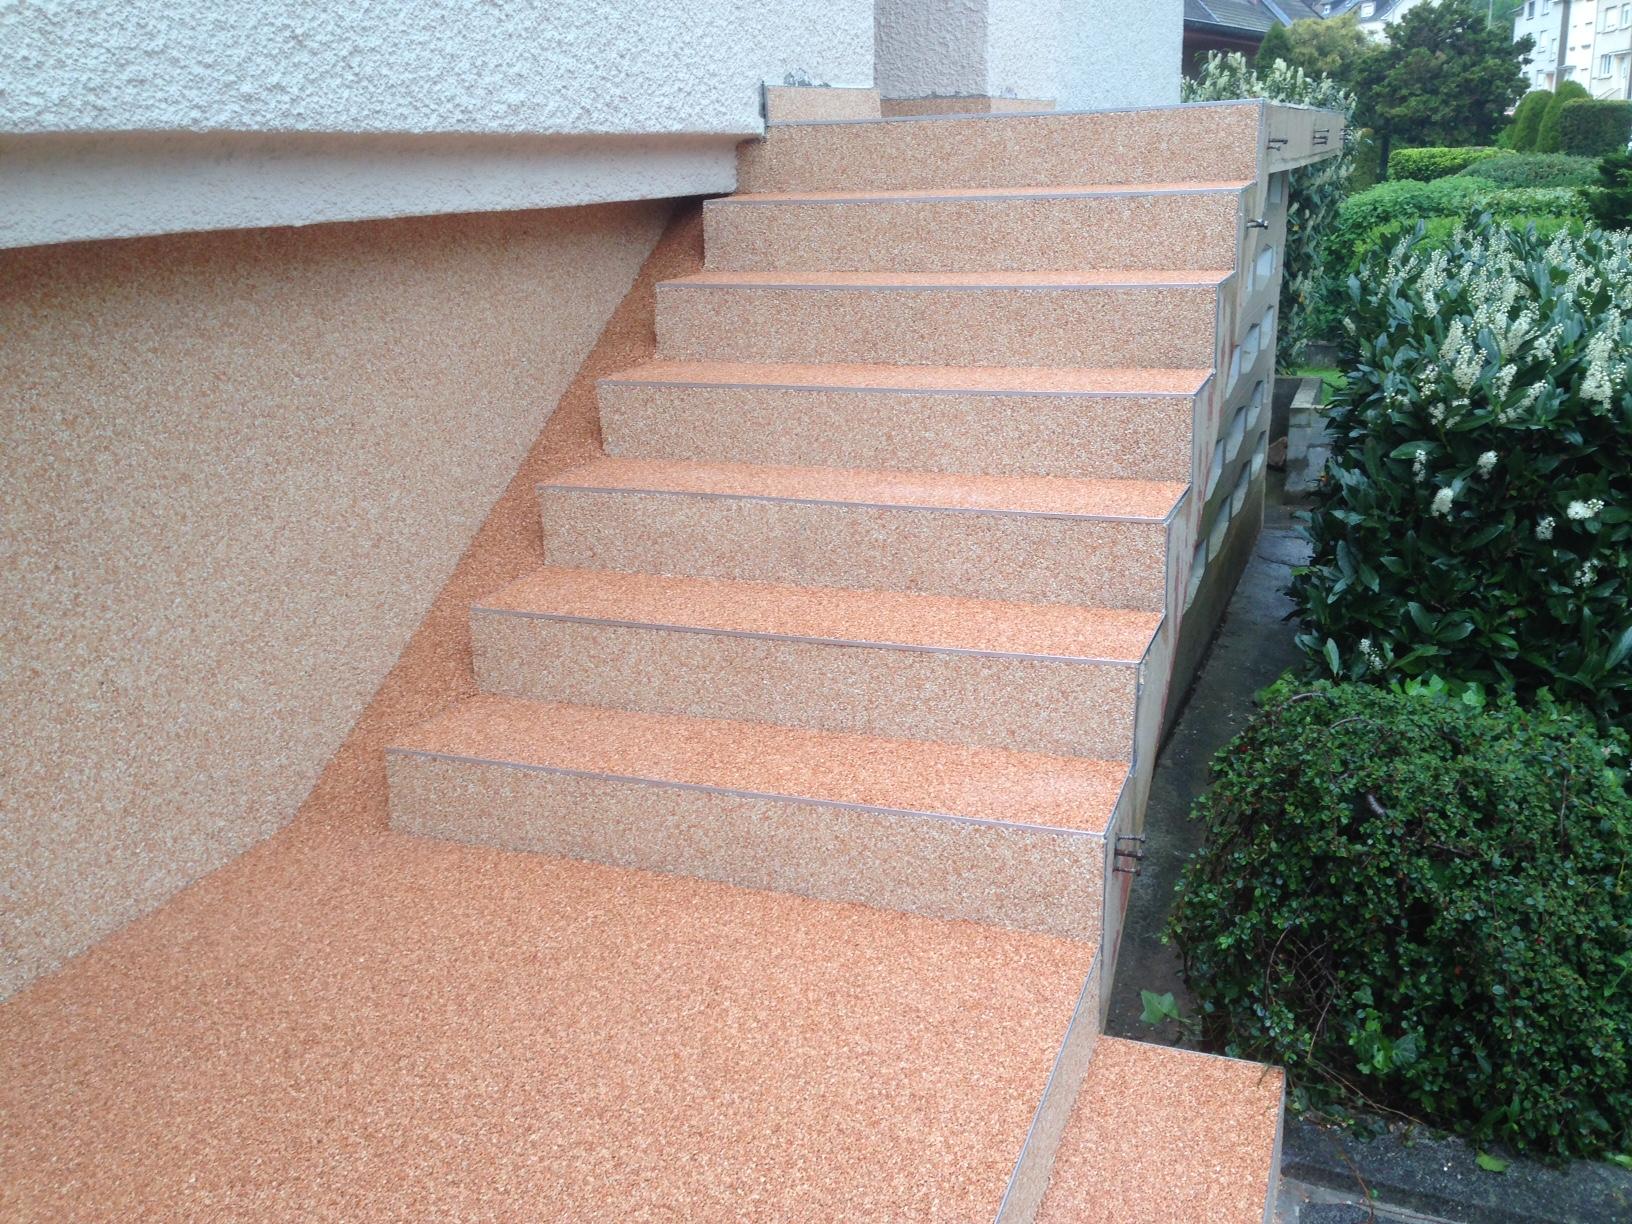 Steinteppich Treppe file steinteppich auf einer treppe jpg wikimedia commons